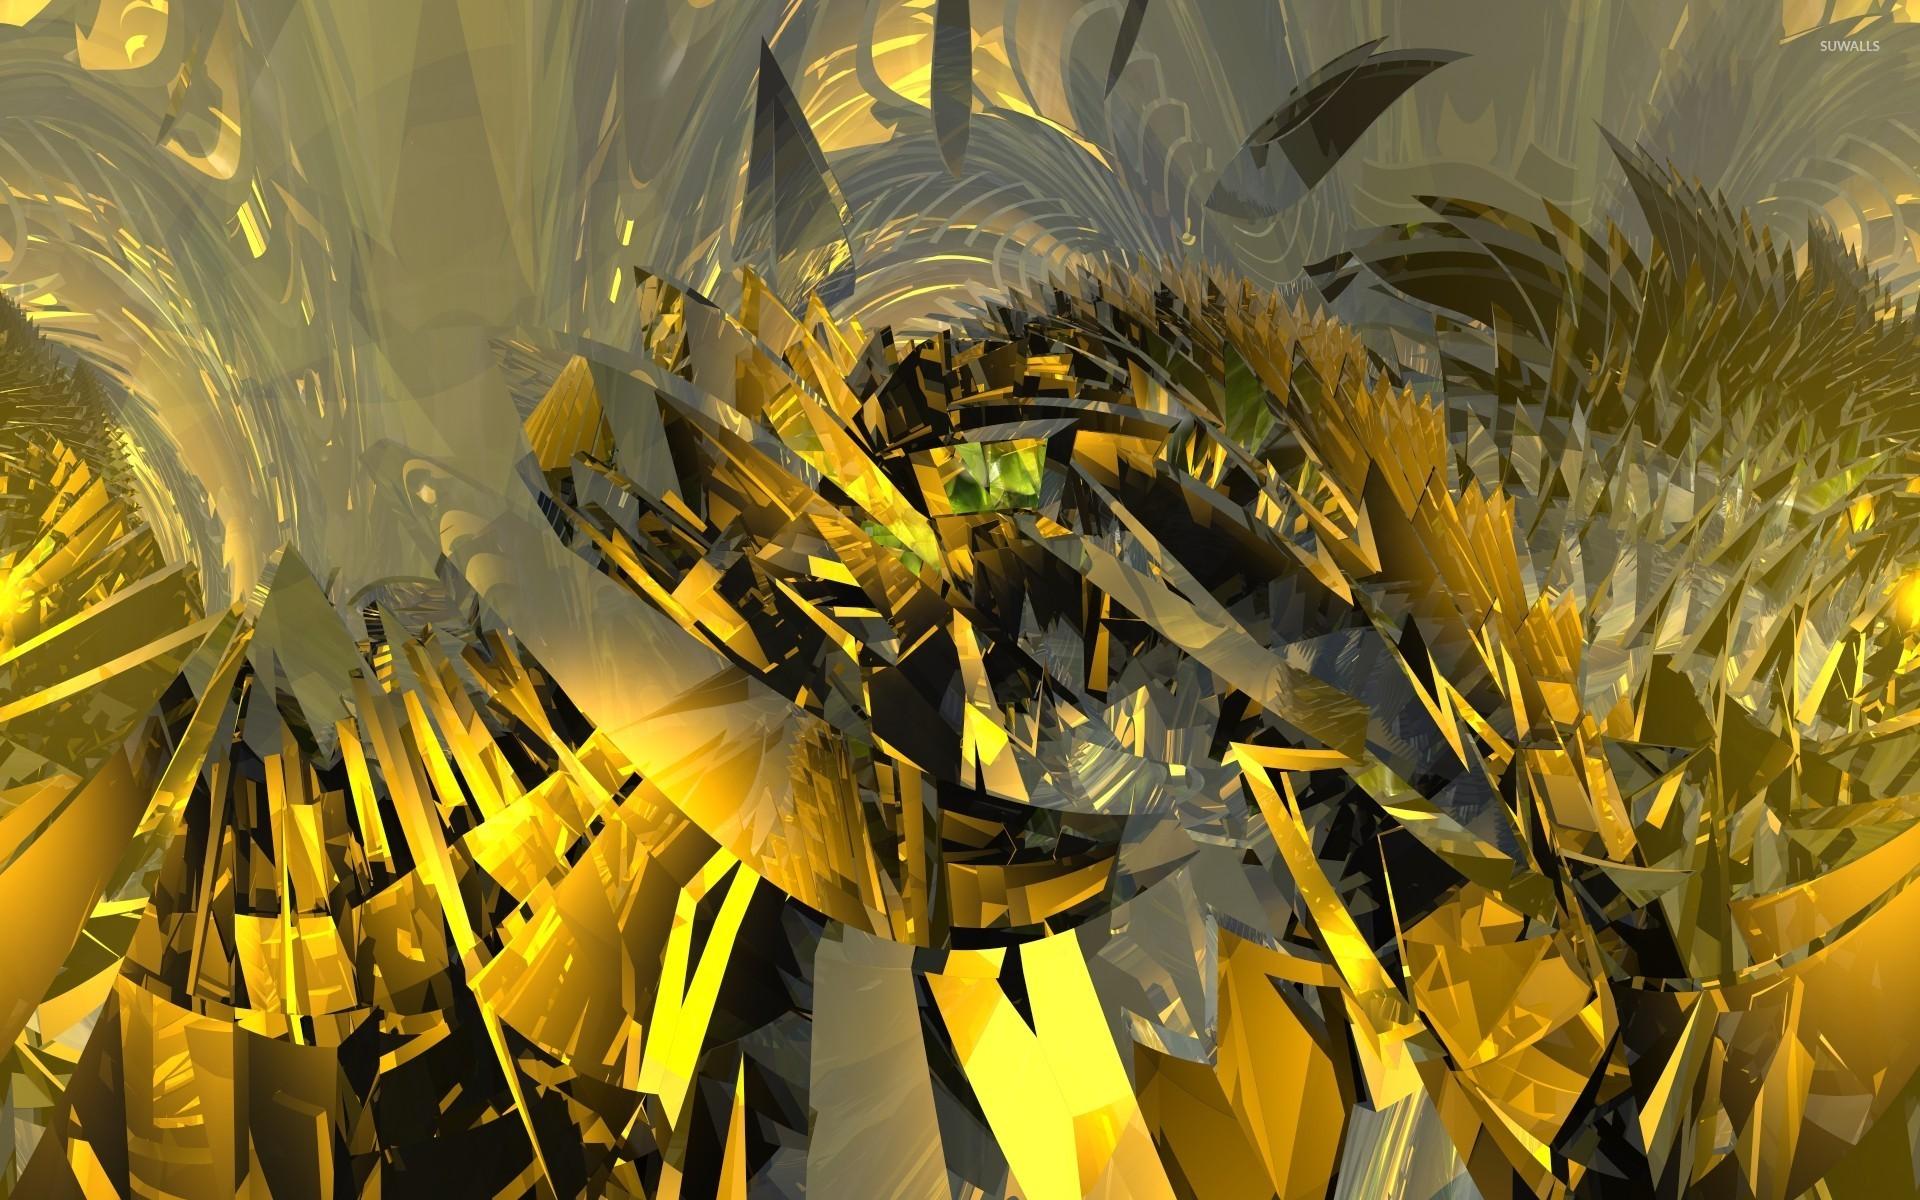 Gold Shards Wallpaper 3D Wallpapers 24347